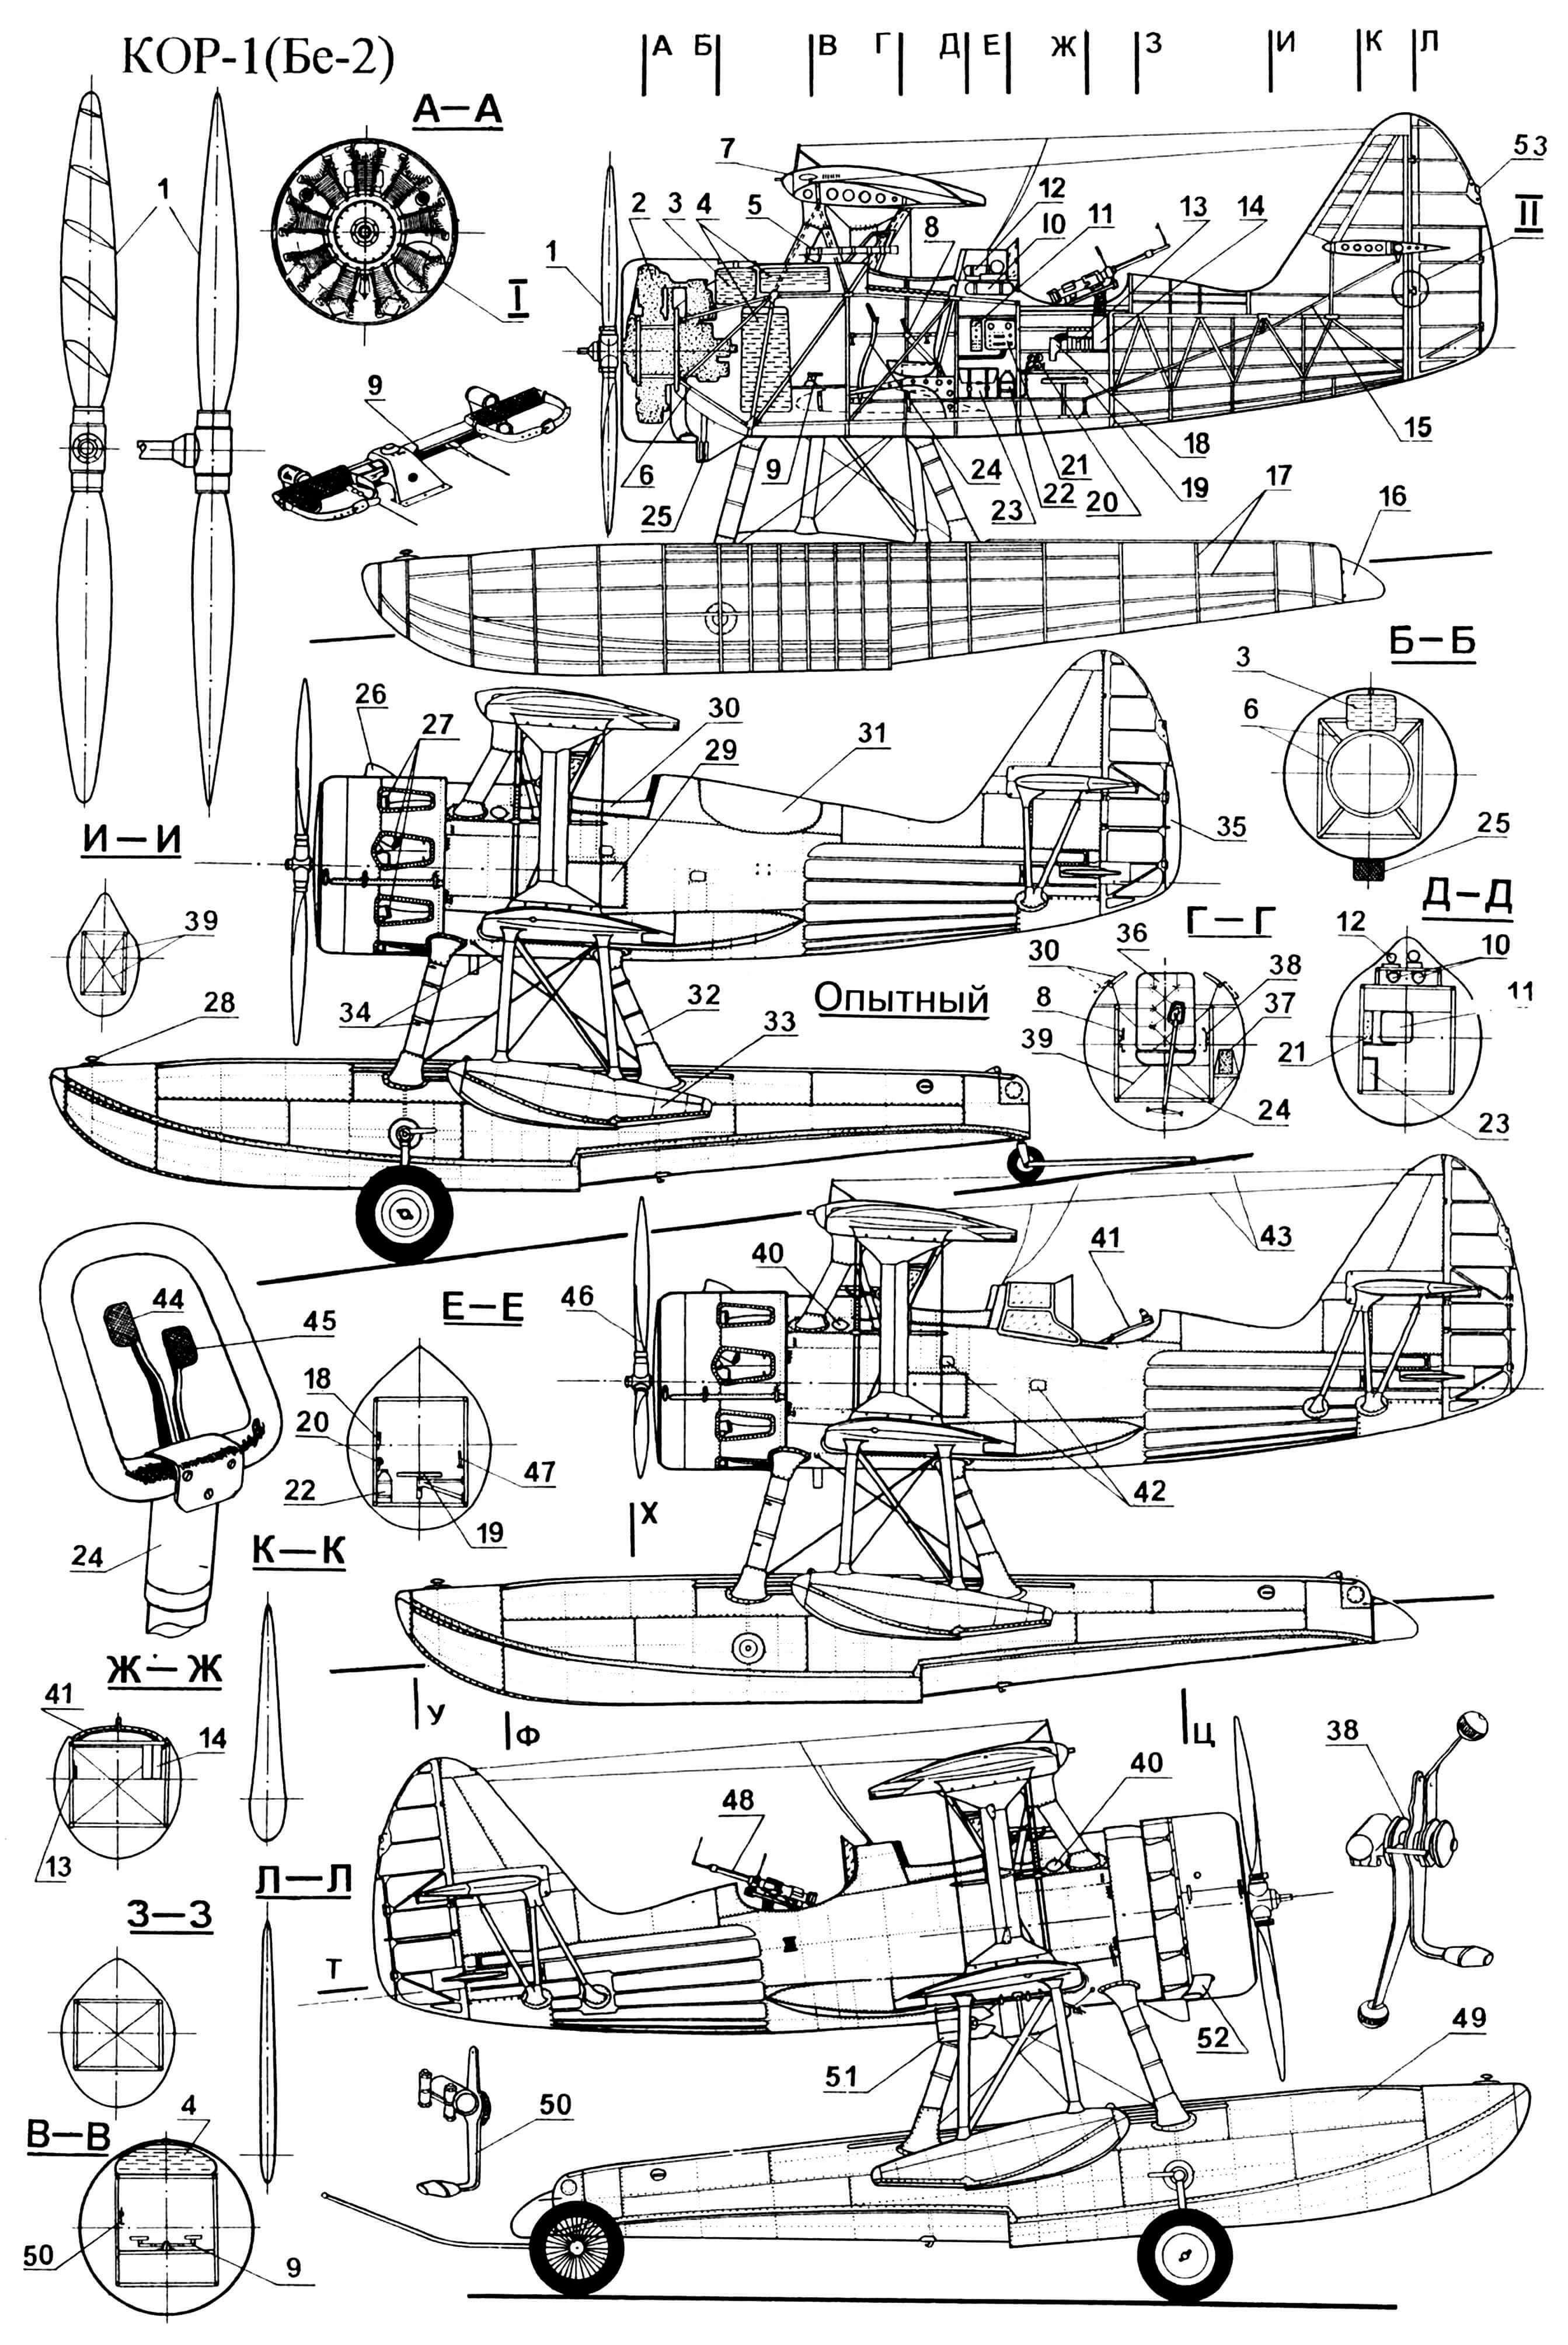 Бортовой корабельный разведчик КОР-1: 1 — винт изменяемого шага ВИШ-6; 2 — двигатель М-25; 3 — маслобак; 4 — баки топливные; 5 — прицел ОП-1; 6 — моторама; 7 — установка крыльевых пулеметов ШКАС; 8 — АСБ пилота; 9 — педали управления рулем поворота; 10 — баллон кислородный; 11 — приемник и передатчик; 12 — умфомер; 13 — патронташ; 14 — ящик патронный; 15 — тяга управления рулем высоты; 16 — гидроруль; 17 — набор силовой центрального поплавка; 18 — кобура с ракетницей; 19 — сиденье летчика-наблюдателя; 20 — приборы кислородные; 21 — щиток радиостанции РСРМ; 22 — бачок с питьевой водой; 23 — сумка для продуктов; 24 — ручка управления; 25 — маслорадиатор; 26 — заборник воздуха маслорадиатора (опытный экземпляр); 27 — патрубки выхлопные; 28 — крюк швартовочный; 29 — лючок аккумуляторный; 30 — борта кабины откидные; 31 — крышки кабины летчика-наблюдателя (на опытном экземпляре); 32 — стойка центрального поплавка; 33 — поплавок подкрыльевой; 34 — растяжки-расчалки центрального поплавка; 35 — триммер руля поворота; 36 — сиденье пилота; 37 — аккумулятор; 38 — сектор управления двигателем; 39 — расчалки фюзеляжа; 40 — крышка заливной горловины нижних топливных баков; 41 — турель пулемета; 42 — ступеньки; 43 — антенны радиостанции; 44 — гашетка пулеметов; 45 — гашетка бомбосбрасывателя; 46 — трехлопастный винт; 47 — бомбосбрасыватель аварийный; 48 — пулемет ШКАС; 49 — поплавок центральный; 50 — сектор управления жалюзи; 51,64 — бомбы ФАБ-100; 52 — патрубок выхлопной; 53 — АНО хвостовой; 54 — АНО крыльевой; 55 — часть верхнего крыла поворотная; 56 — части крыла откидные; 57 — ящики крыльевых пулеметов патронные; 58 — триммер элерона; 59 — элероны; 60 — накладки центрального поплавка силовые; 61 — щитки посадочные; 62 — часть нижнего крыла откидная; 63 — стойки коробки крыла; 65 — бомба ФАБ-50; 66 — лючки эксплуатационные; 67 — бомбодержатель; 68 — расчалки крыла; 69 — качалка руля поворота; 70 — крепление прицела; 71 — тележка шасси; 72 — колесо шасси; 73 — доска приборная.